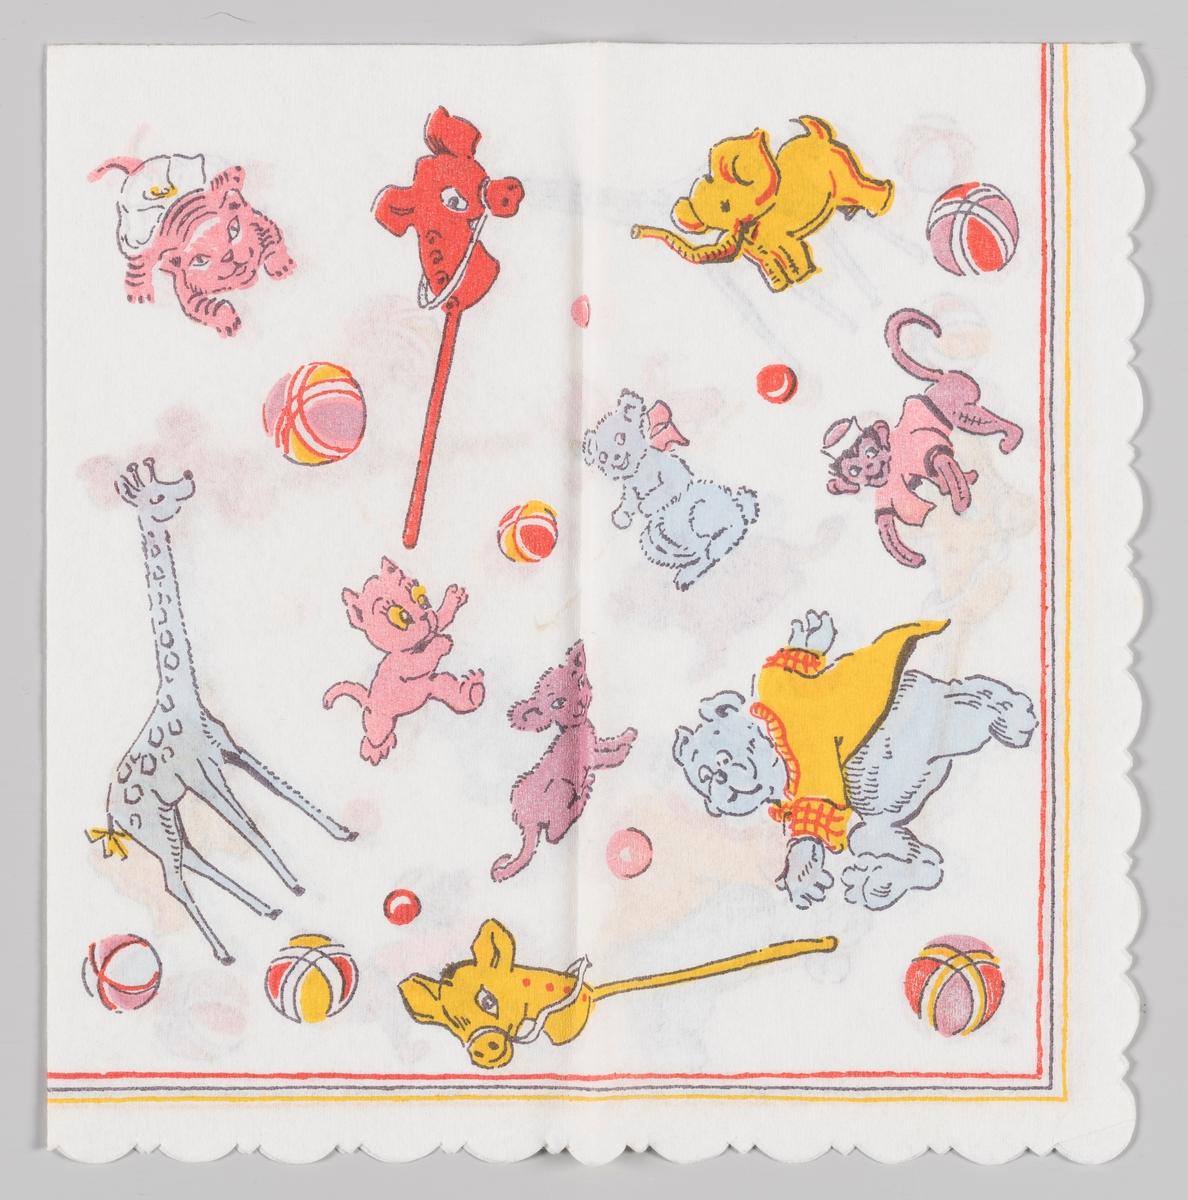 Kosedyr og leker: Giraff, elefant, ape, bjørn, tiger, katt, lekehester og baller. Rød, blå og gulstripete kant.